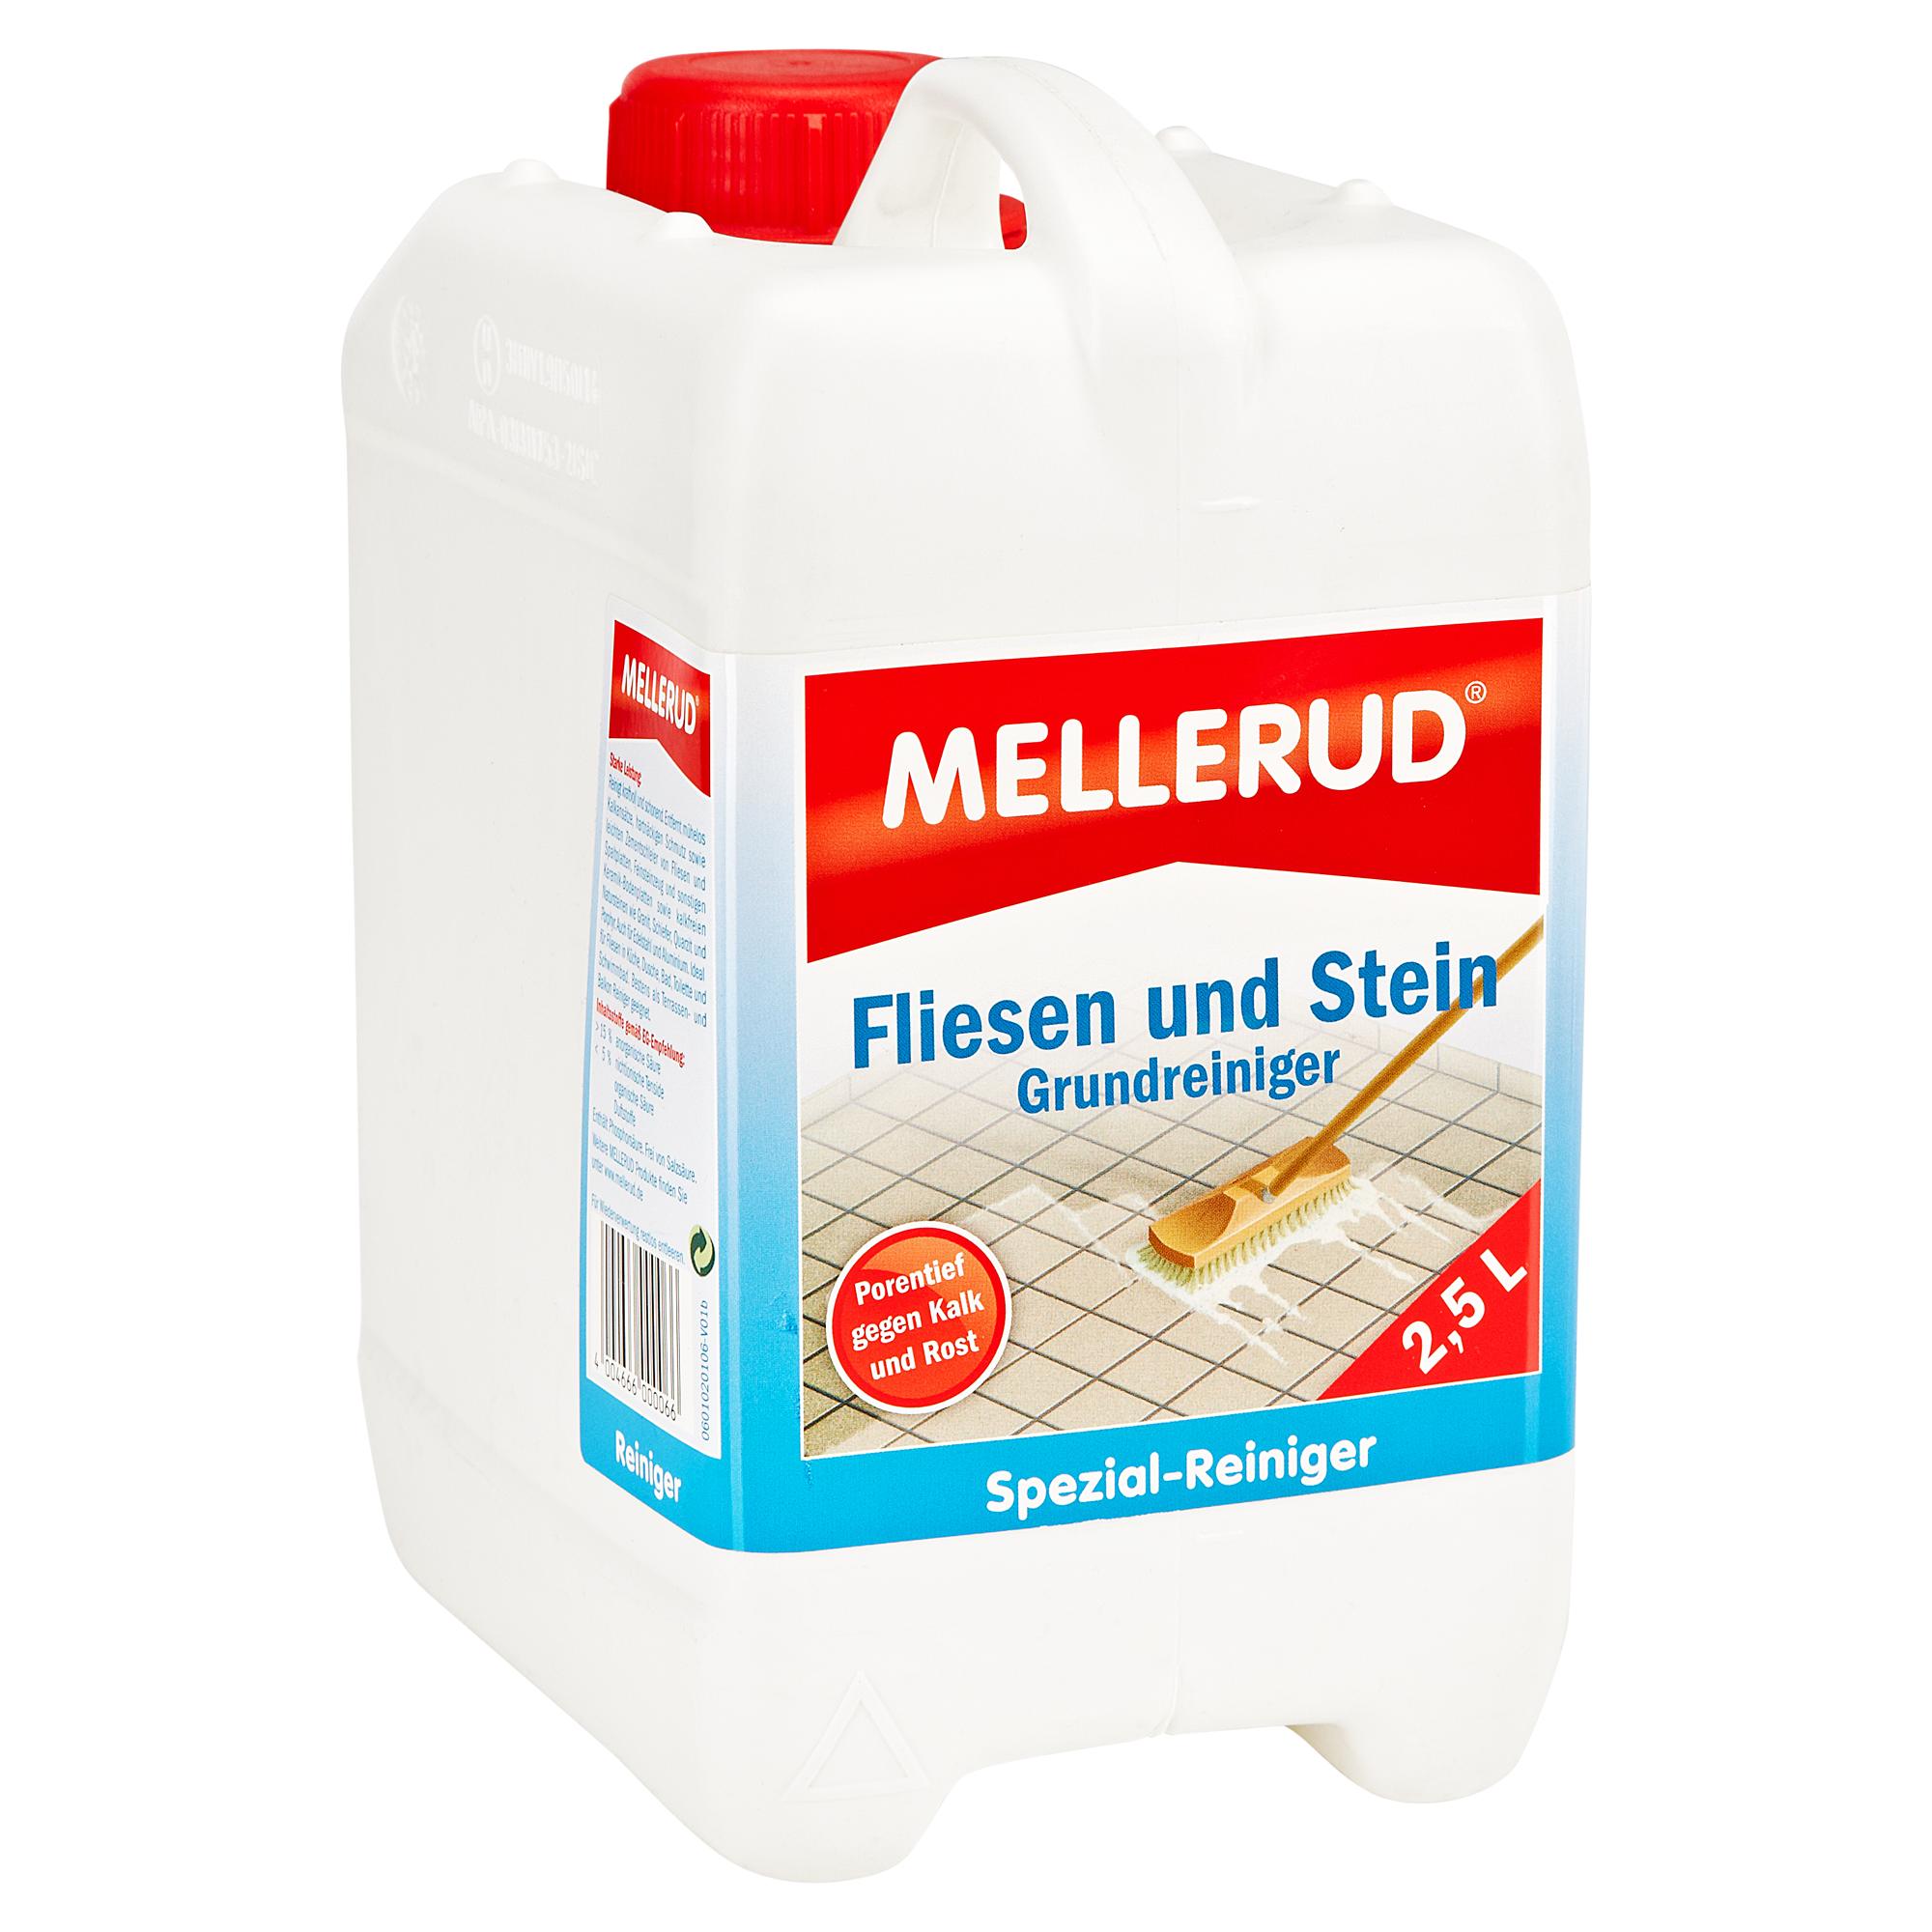 """Grundreiniger für Fliesen und Stein """"Spezialreiniger"""" 2 5"""